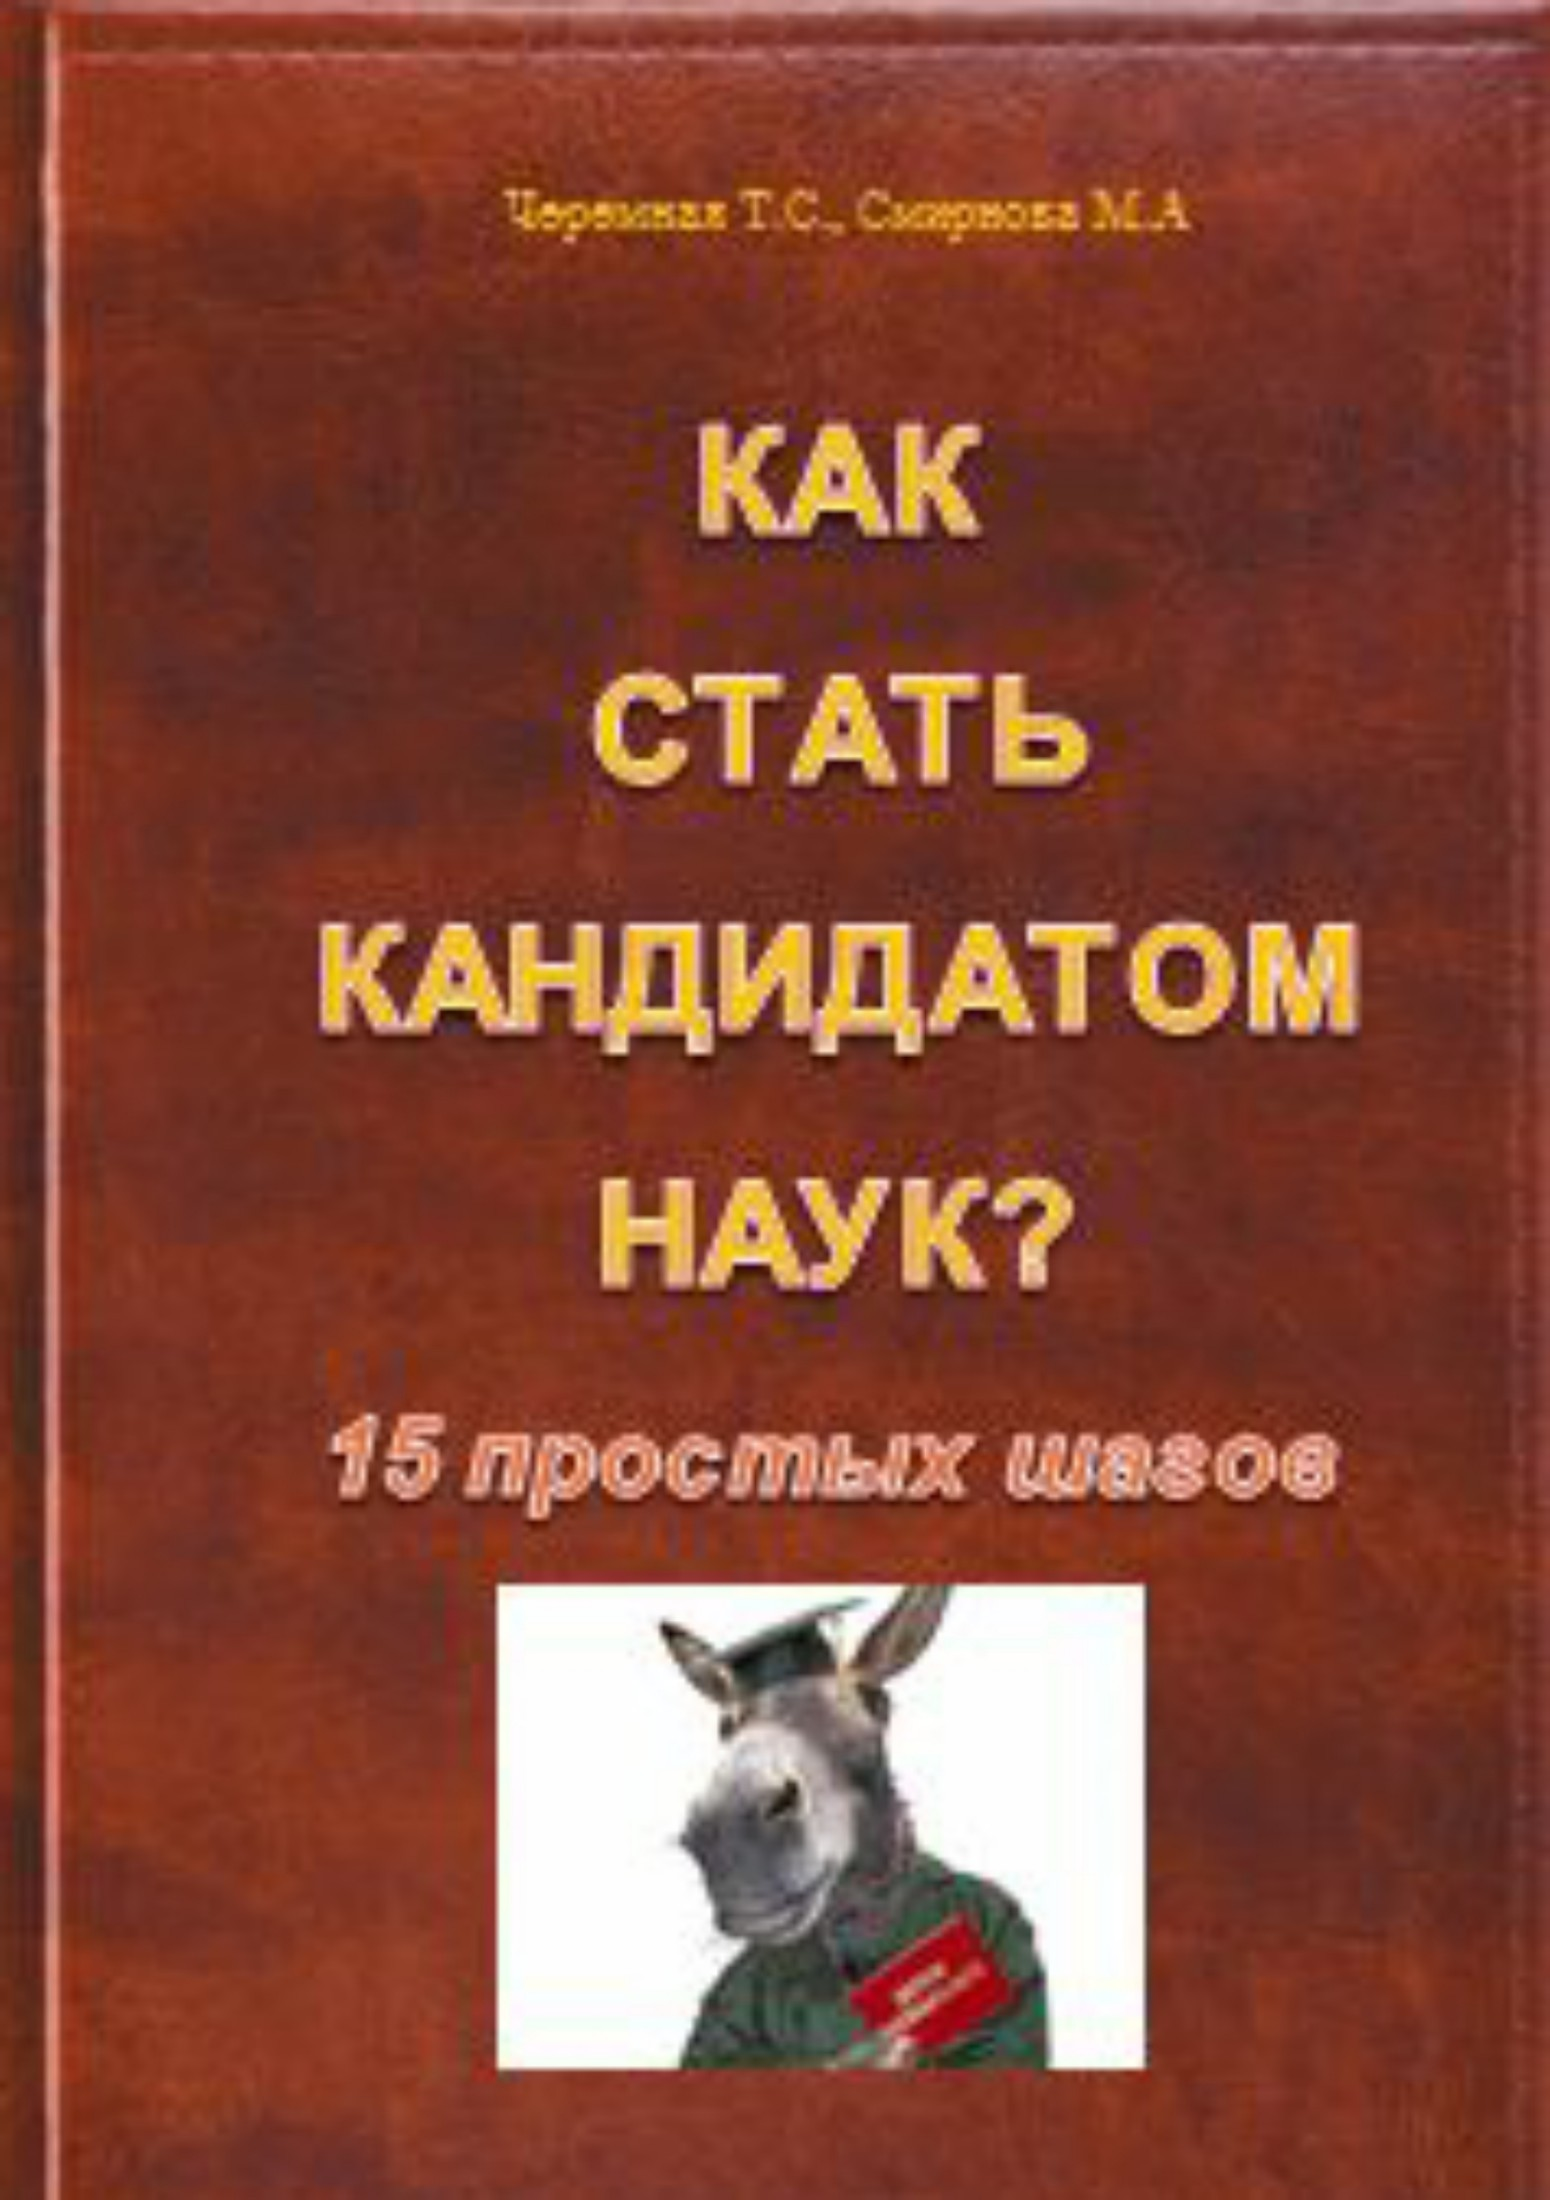 Татьяна Черемных, Мария Смирнова - Как стать кандидатом наук? 15 простых шагов